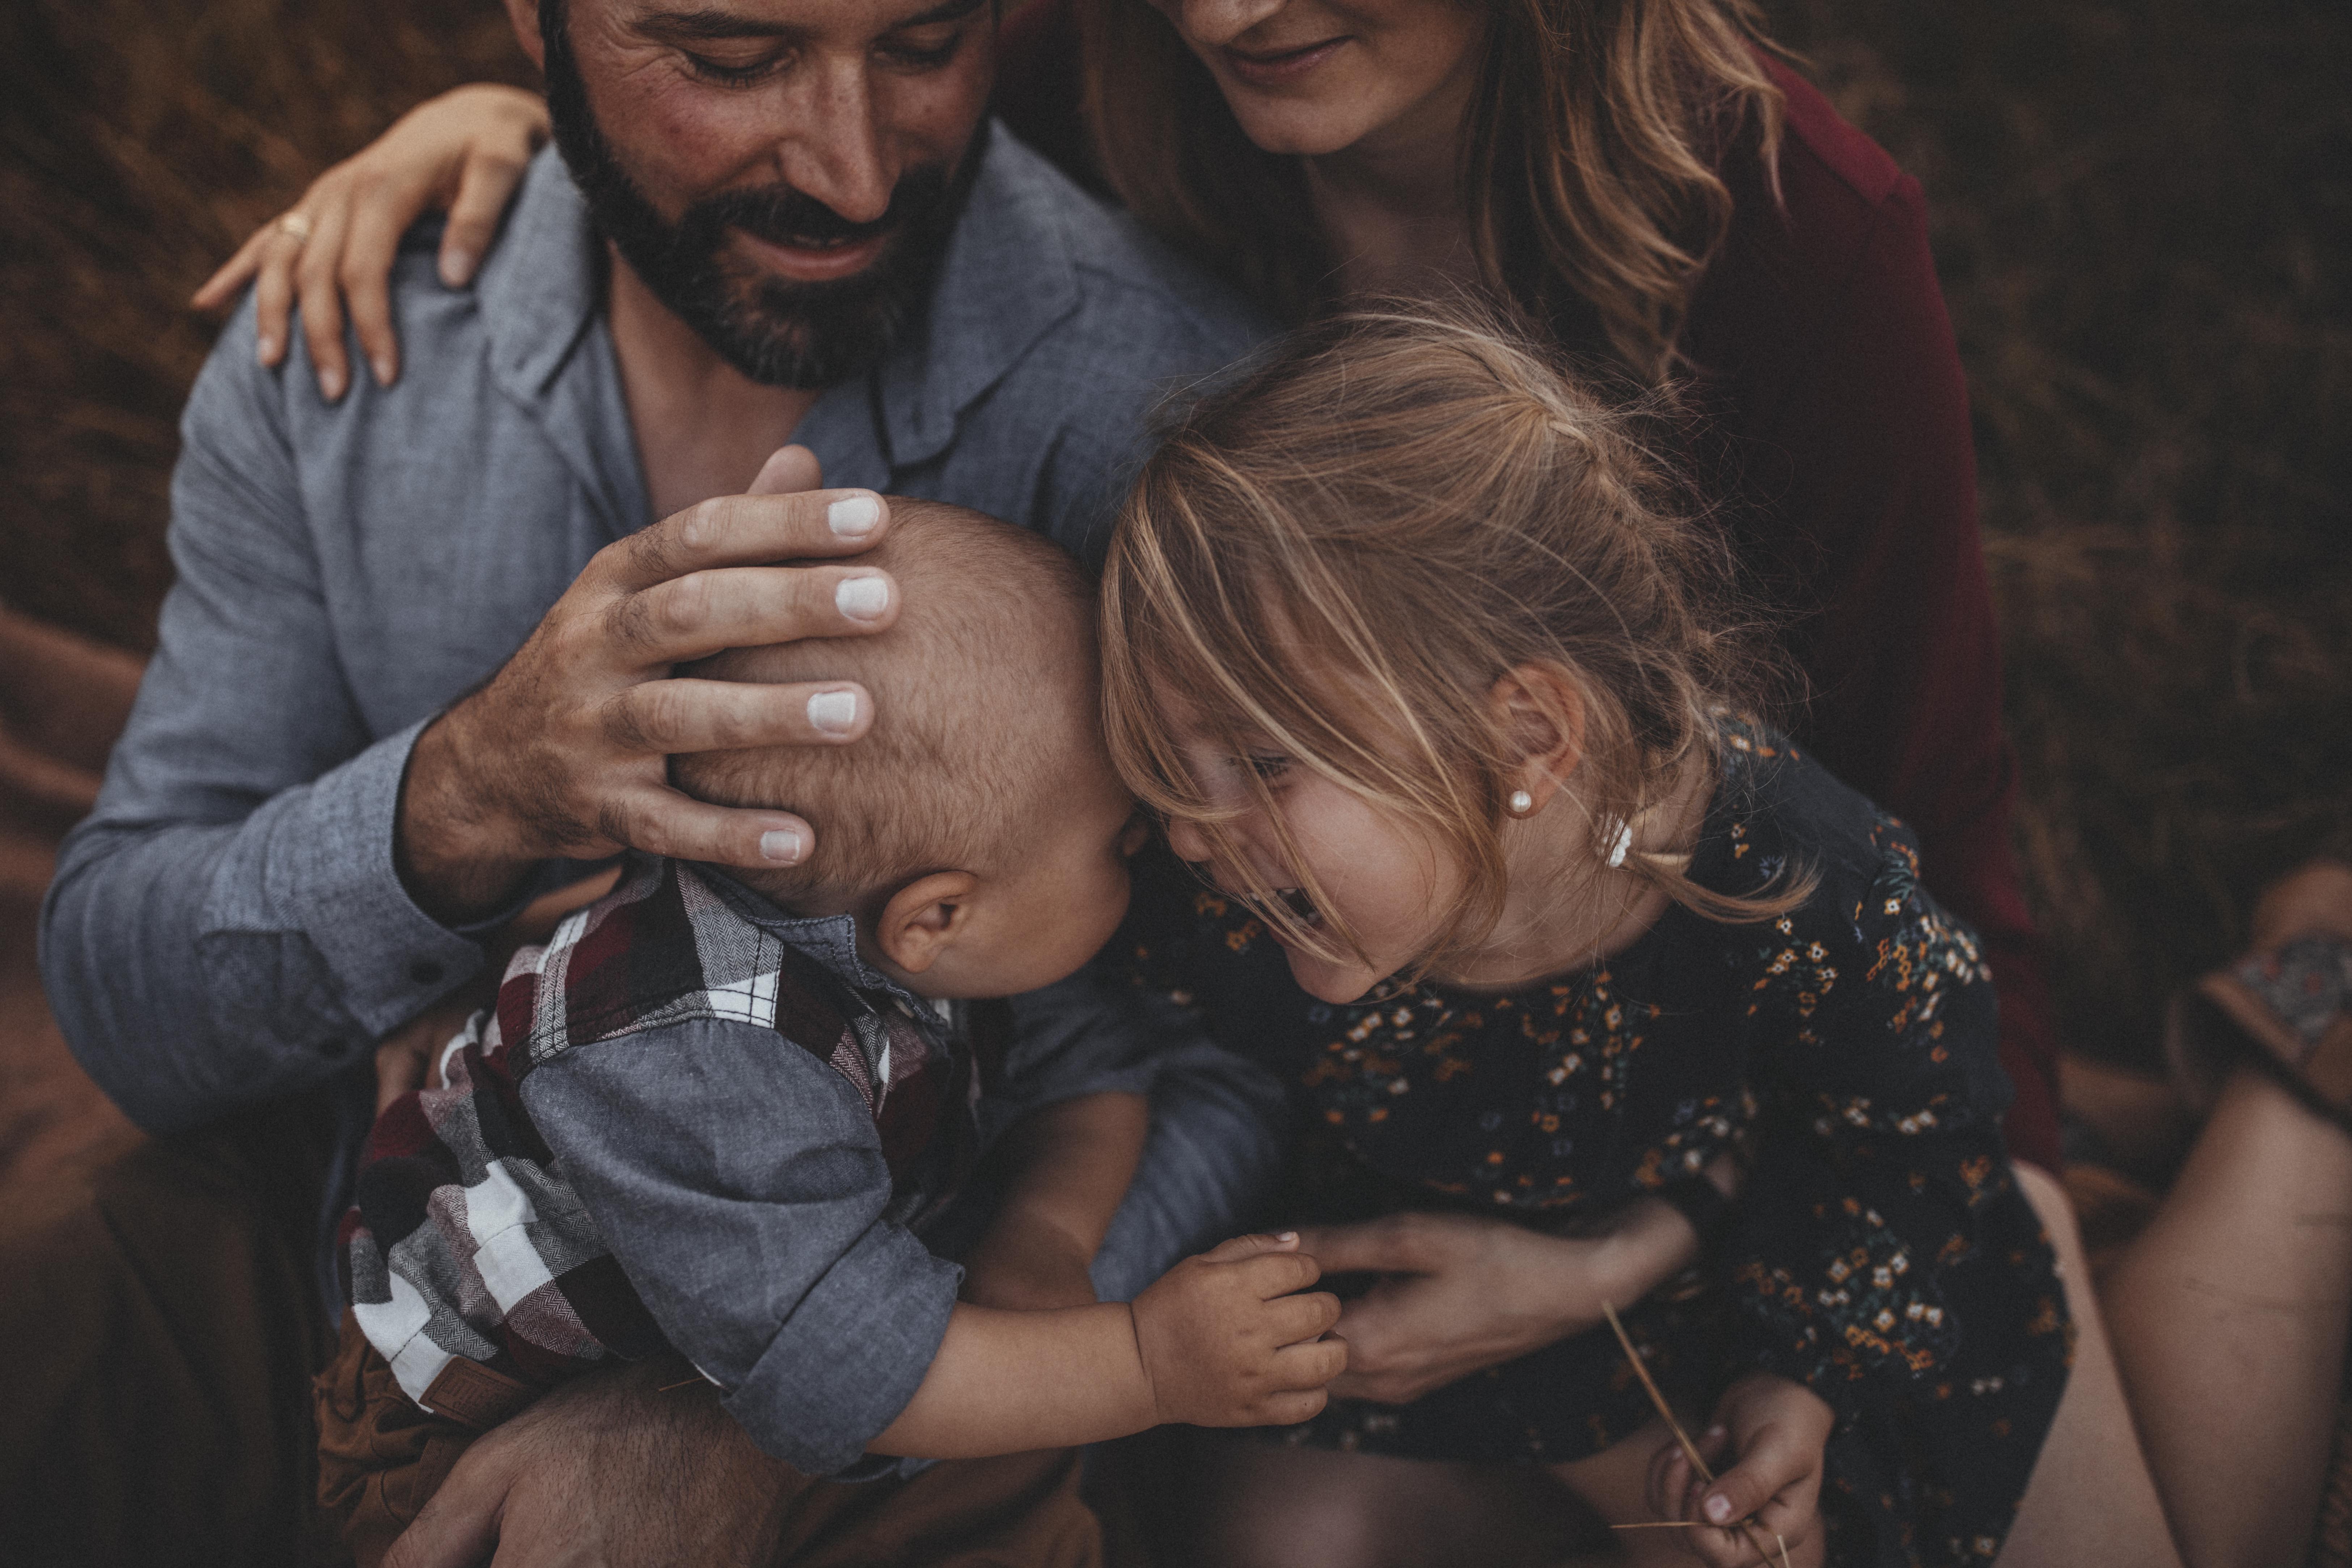 Yipiayeey_Photography_Family-20